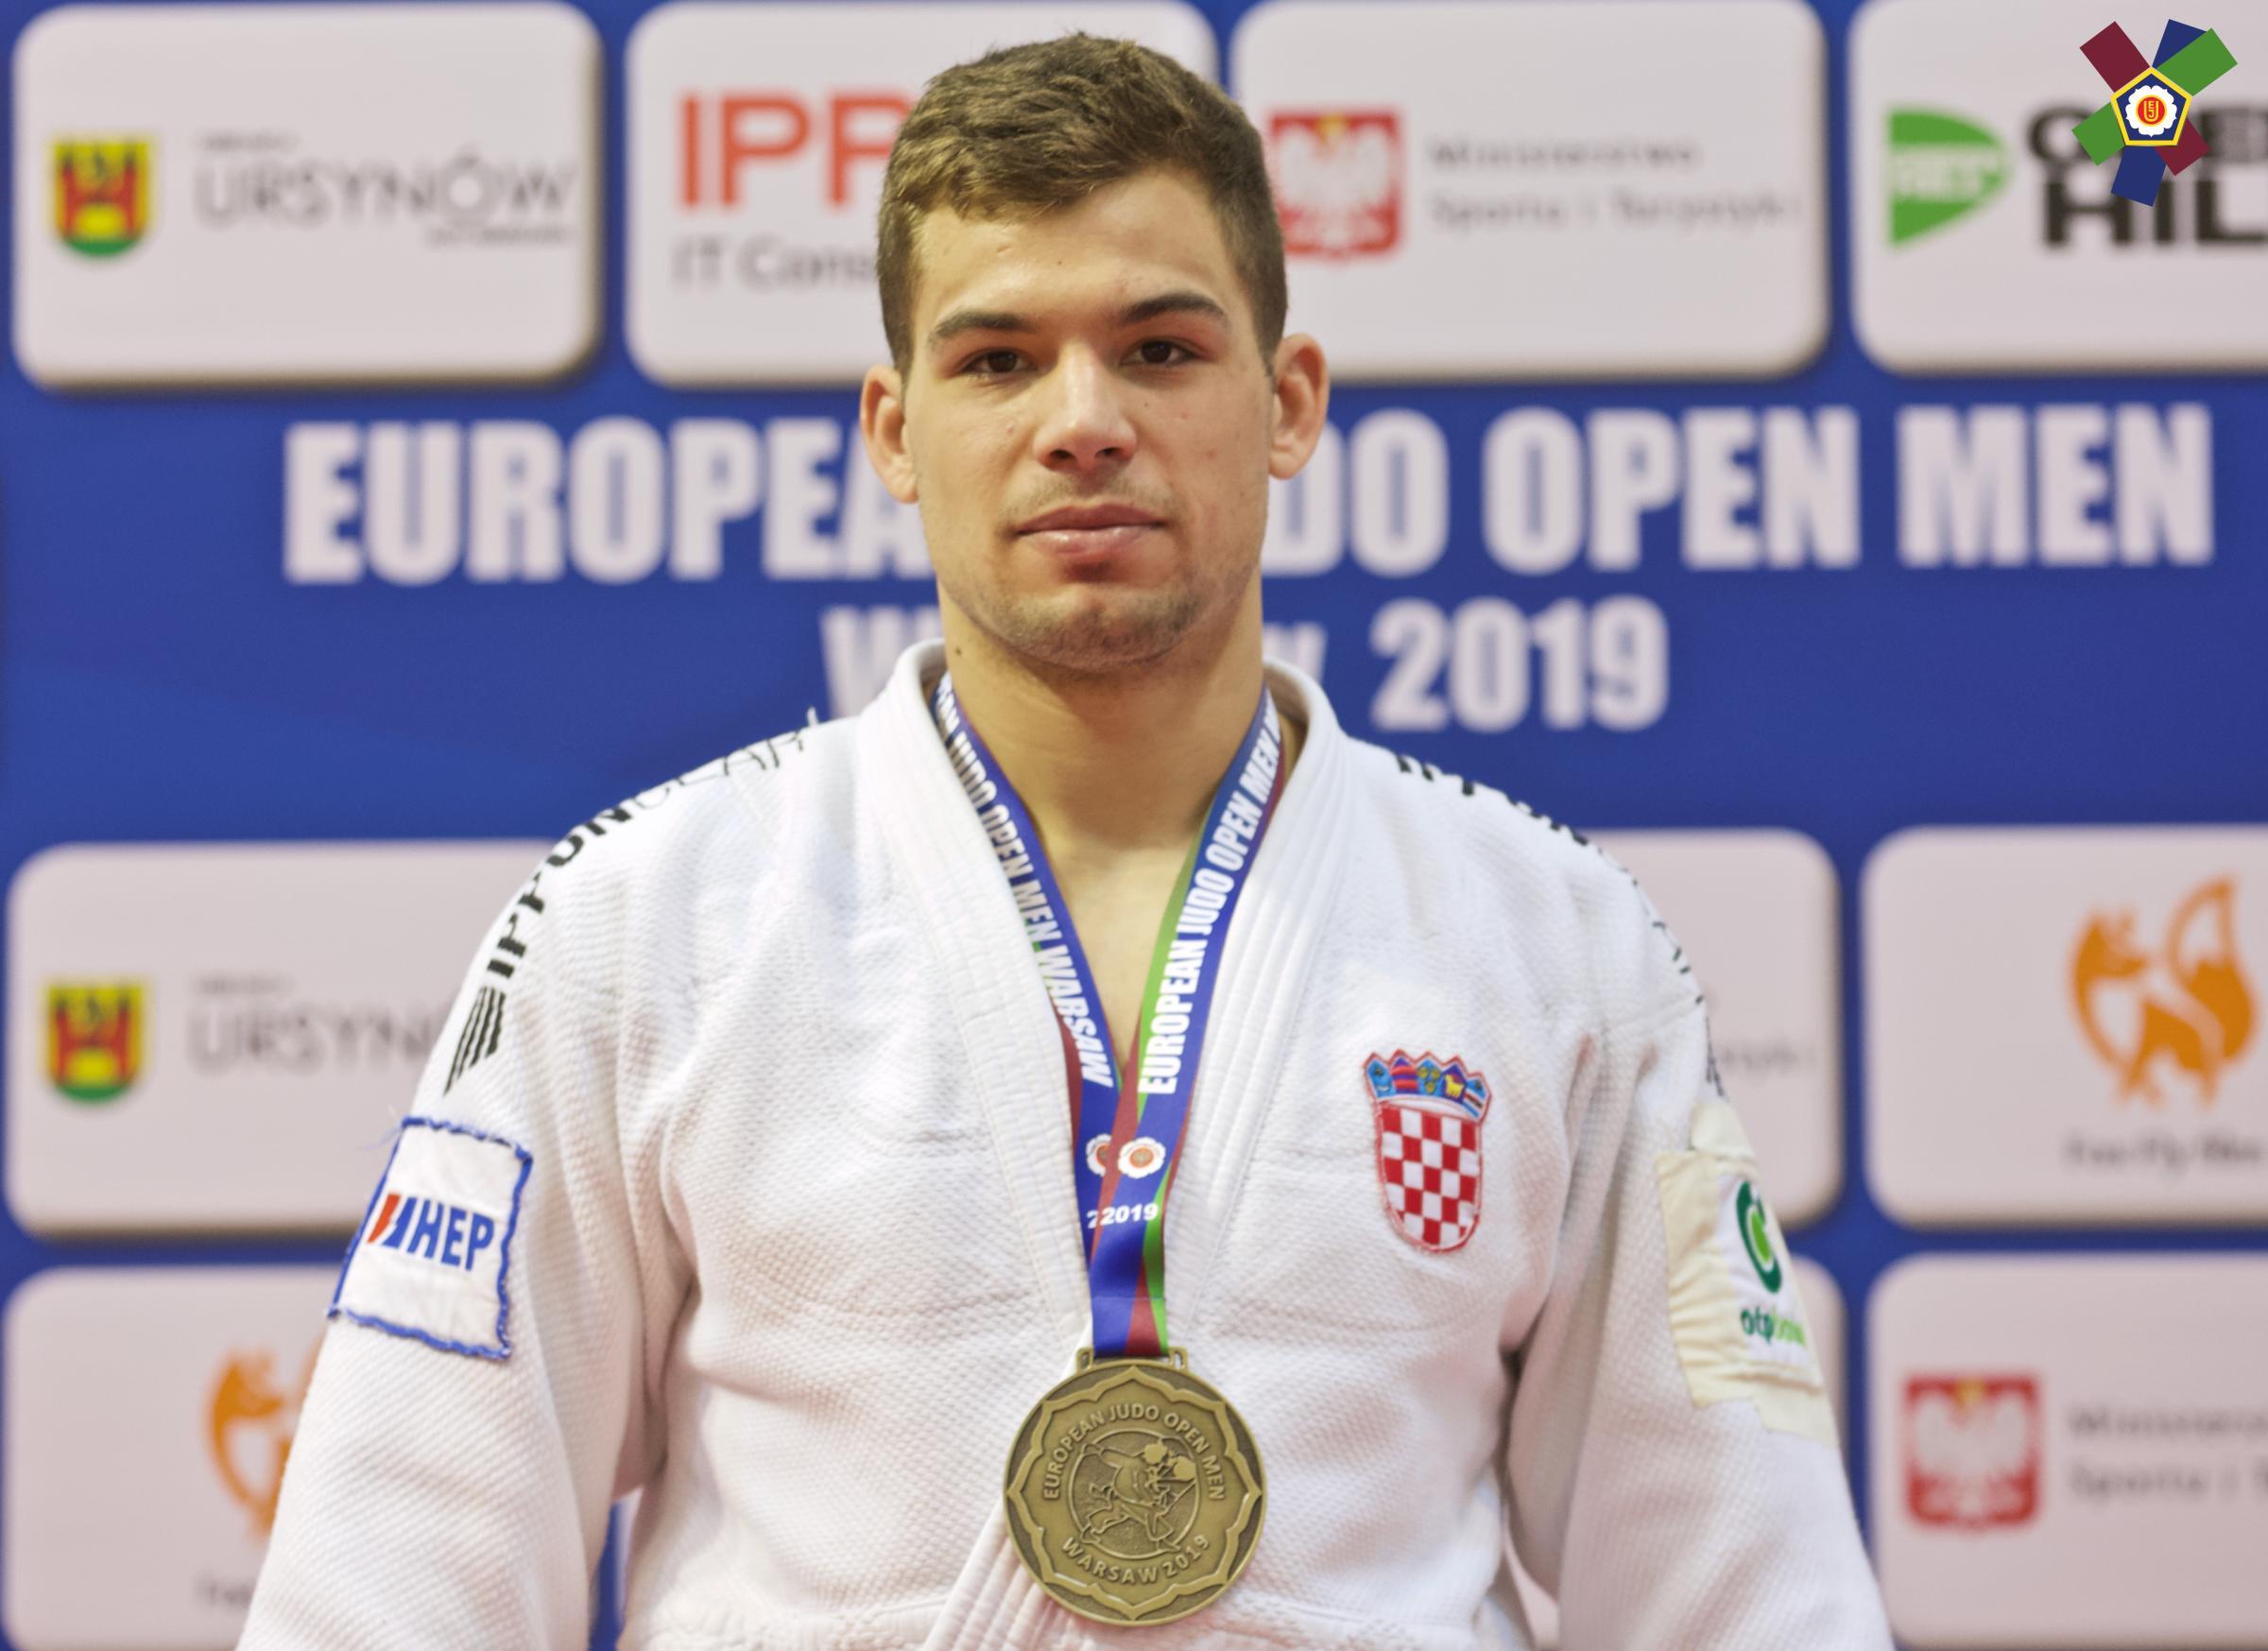 Judo-European-Open-Warsaw-2019-Druzeta-Dominik-Croatia-81-kg-Portait